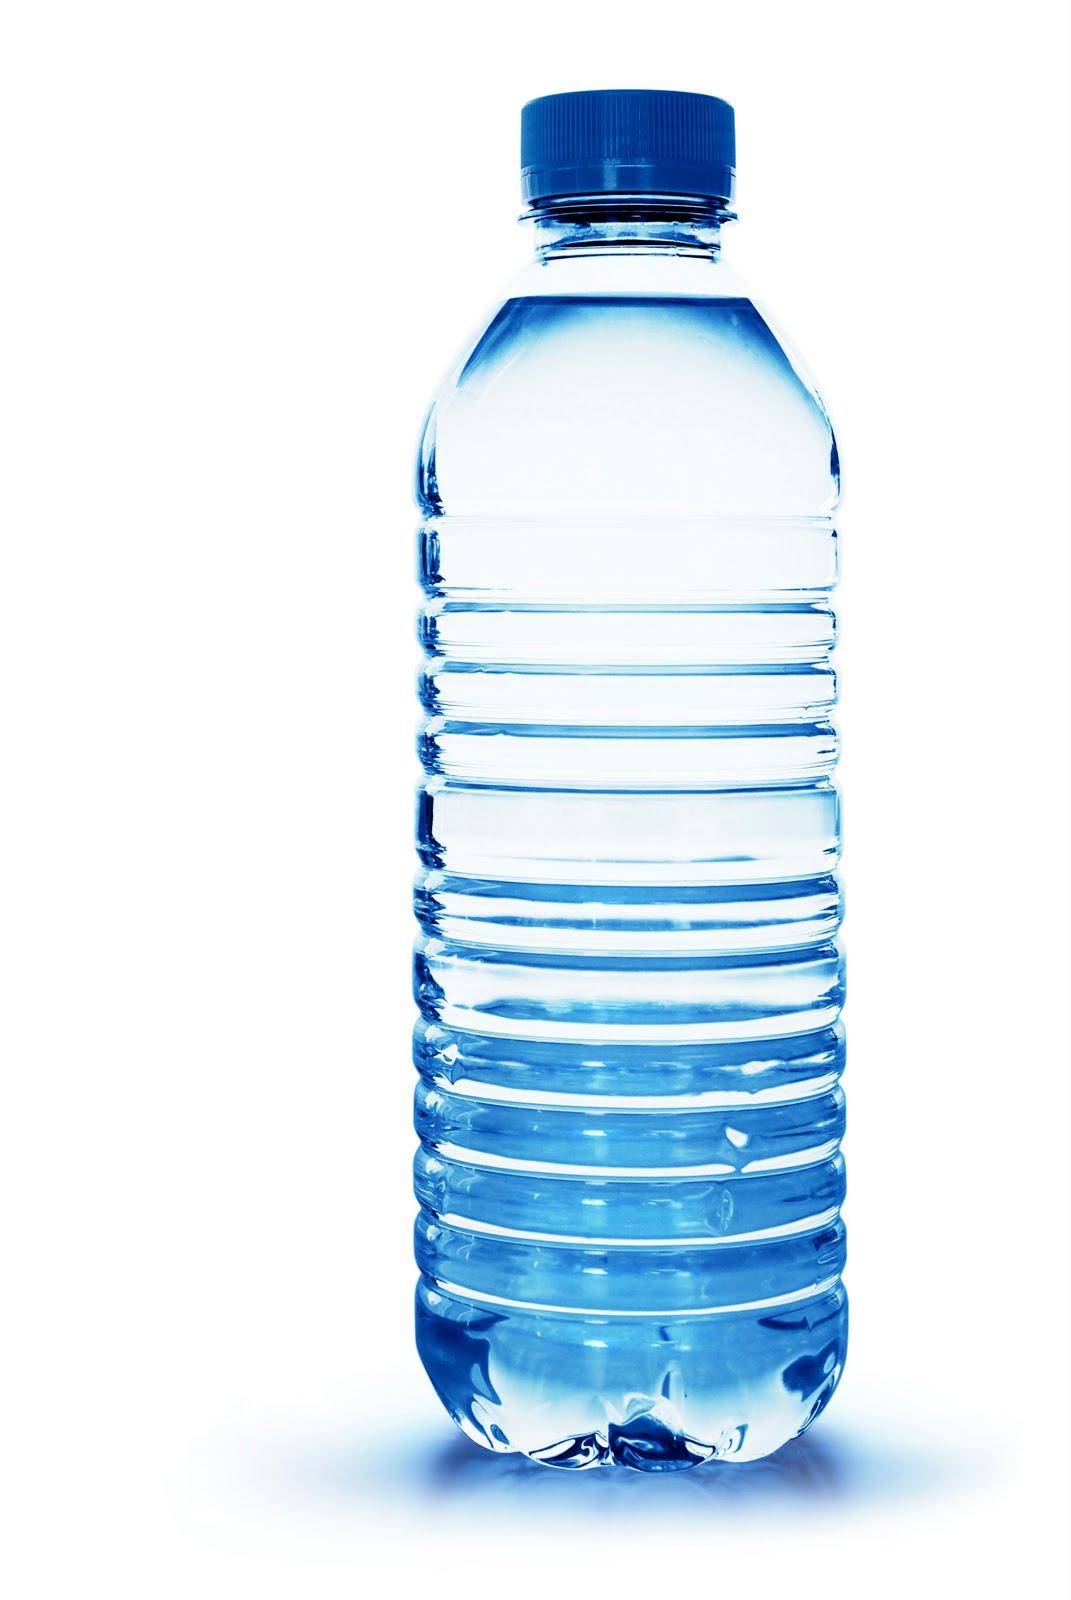 Free cliparts download clip. Bottle clipart plastic bottle